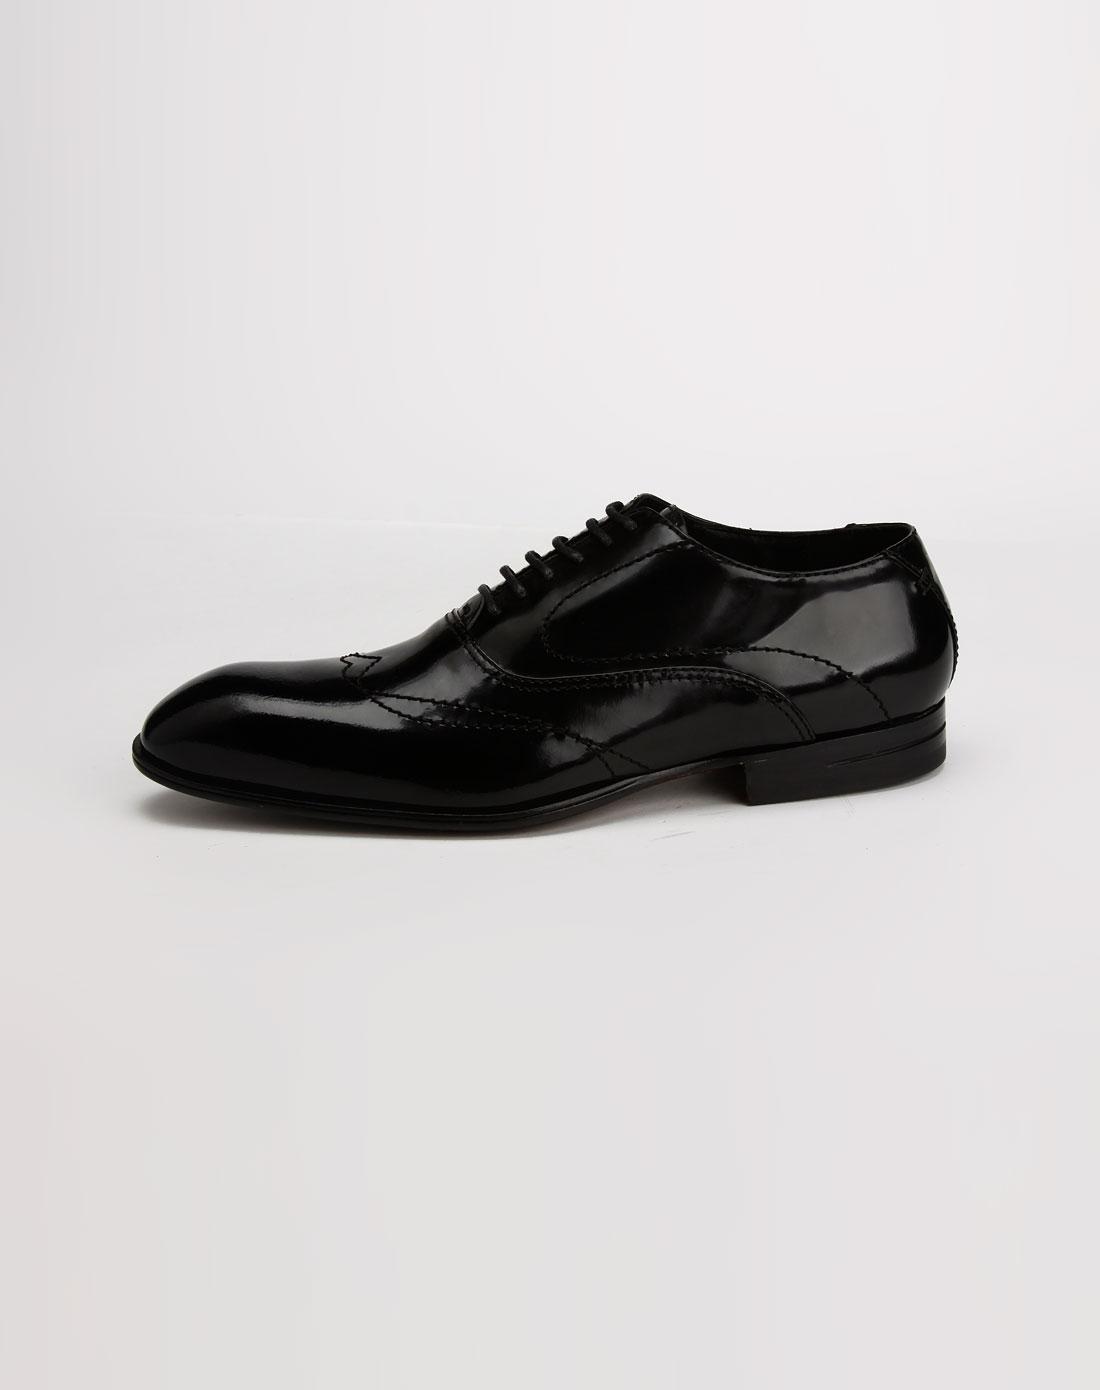 黑色亮面绑带皮鞋_乔梵尼·比